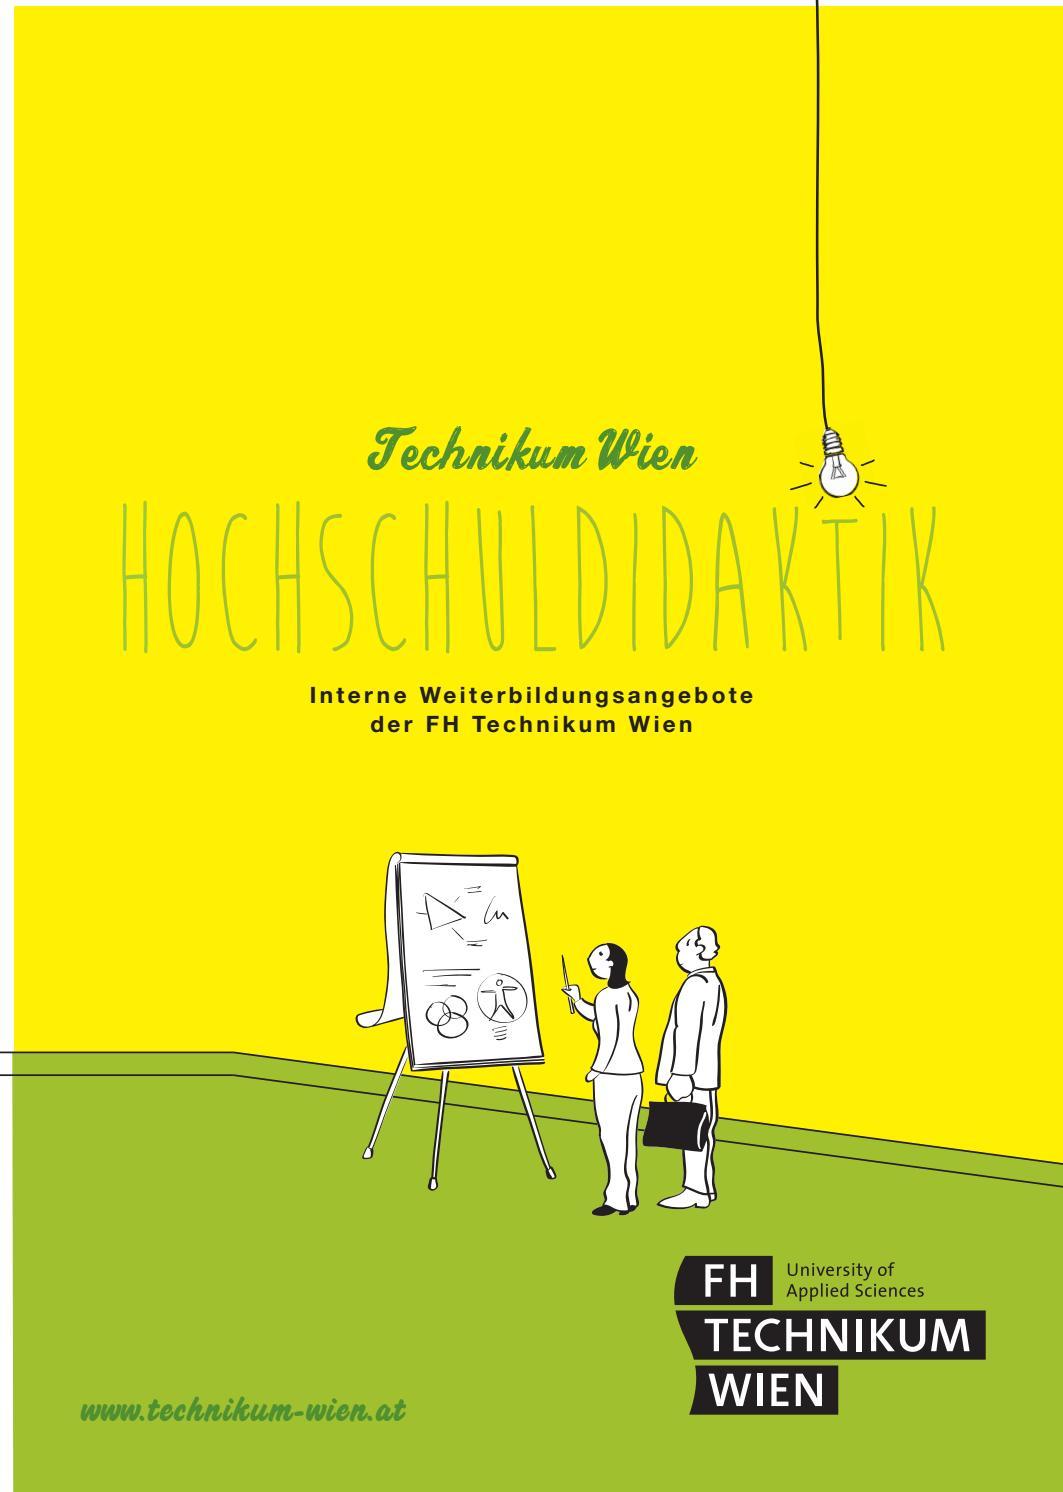 Weiterbildungsprogramm der FH Technikum Wien / Interne Weiterbildung ...